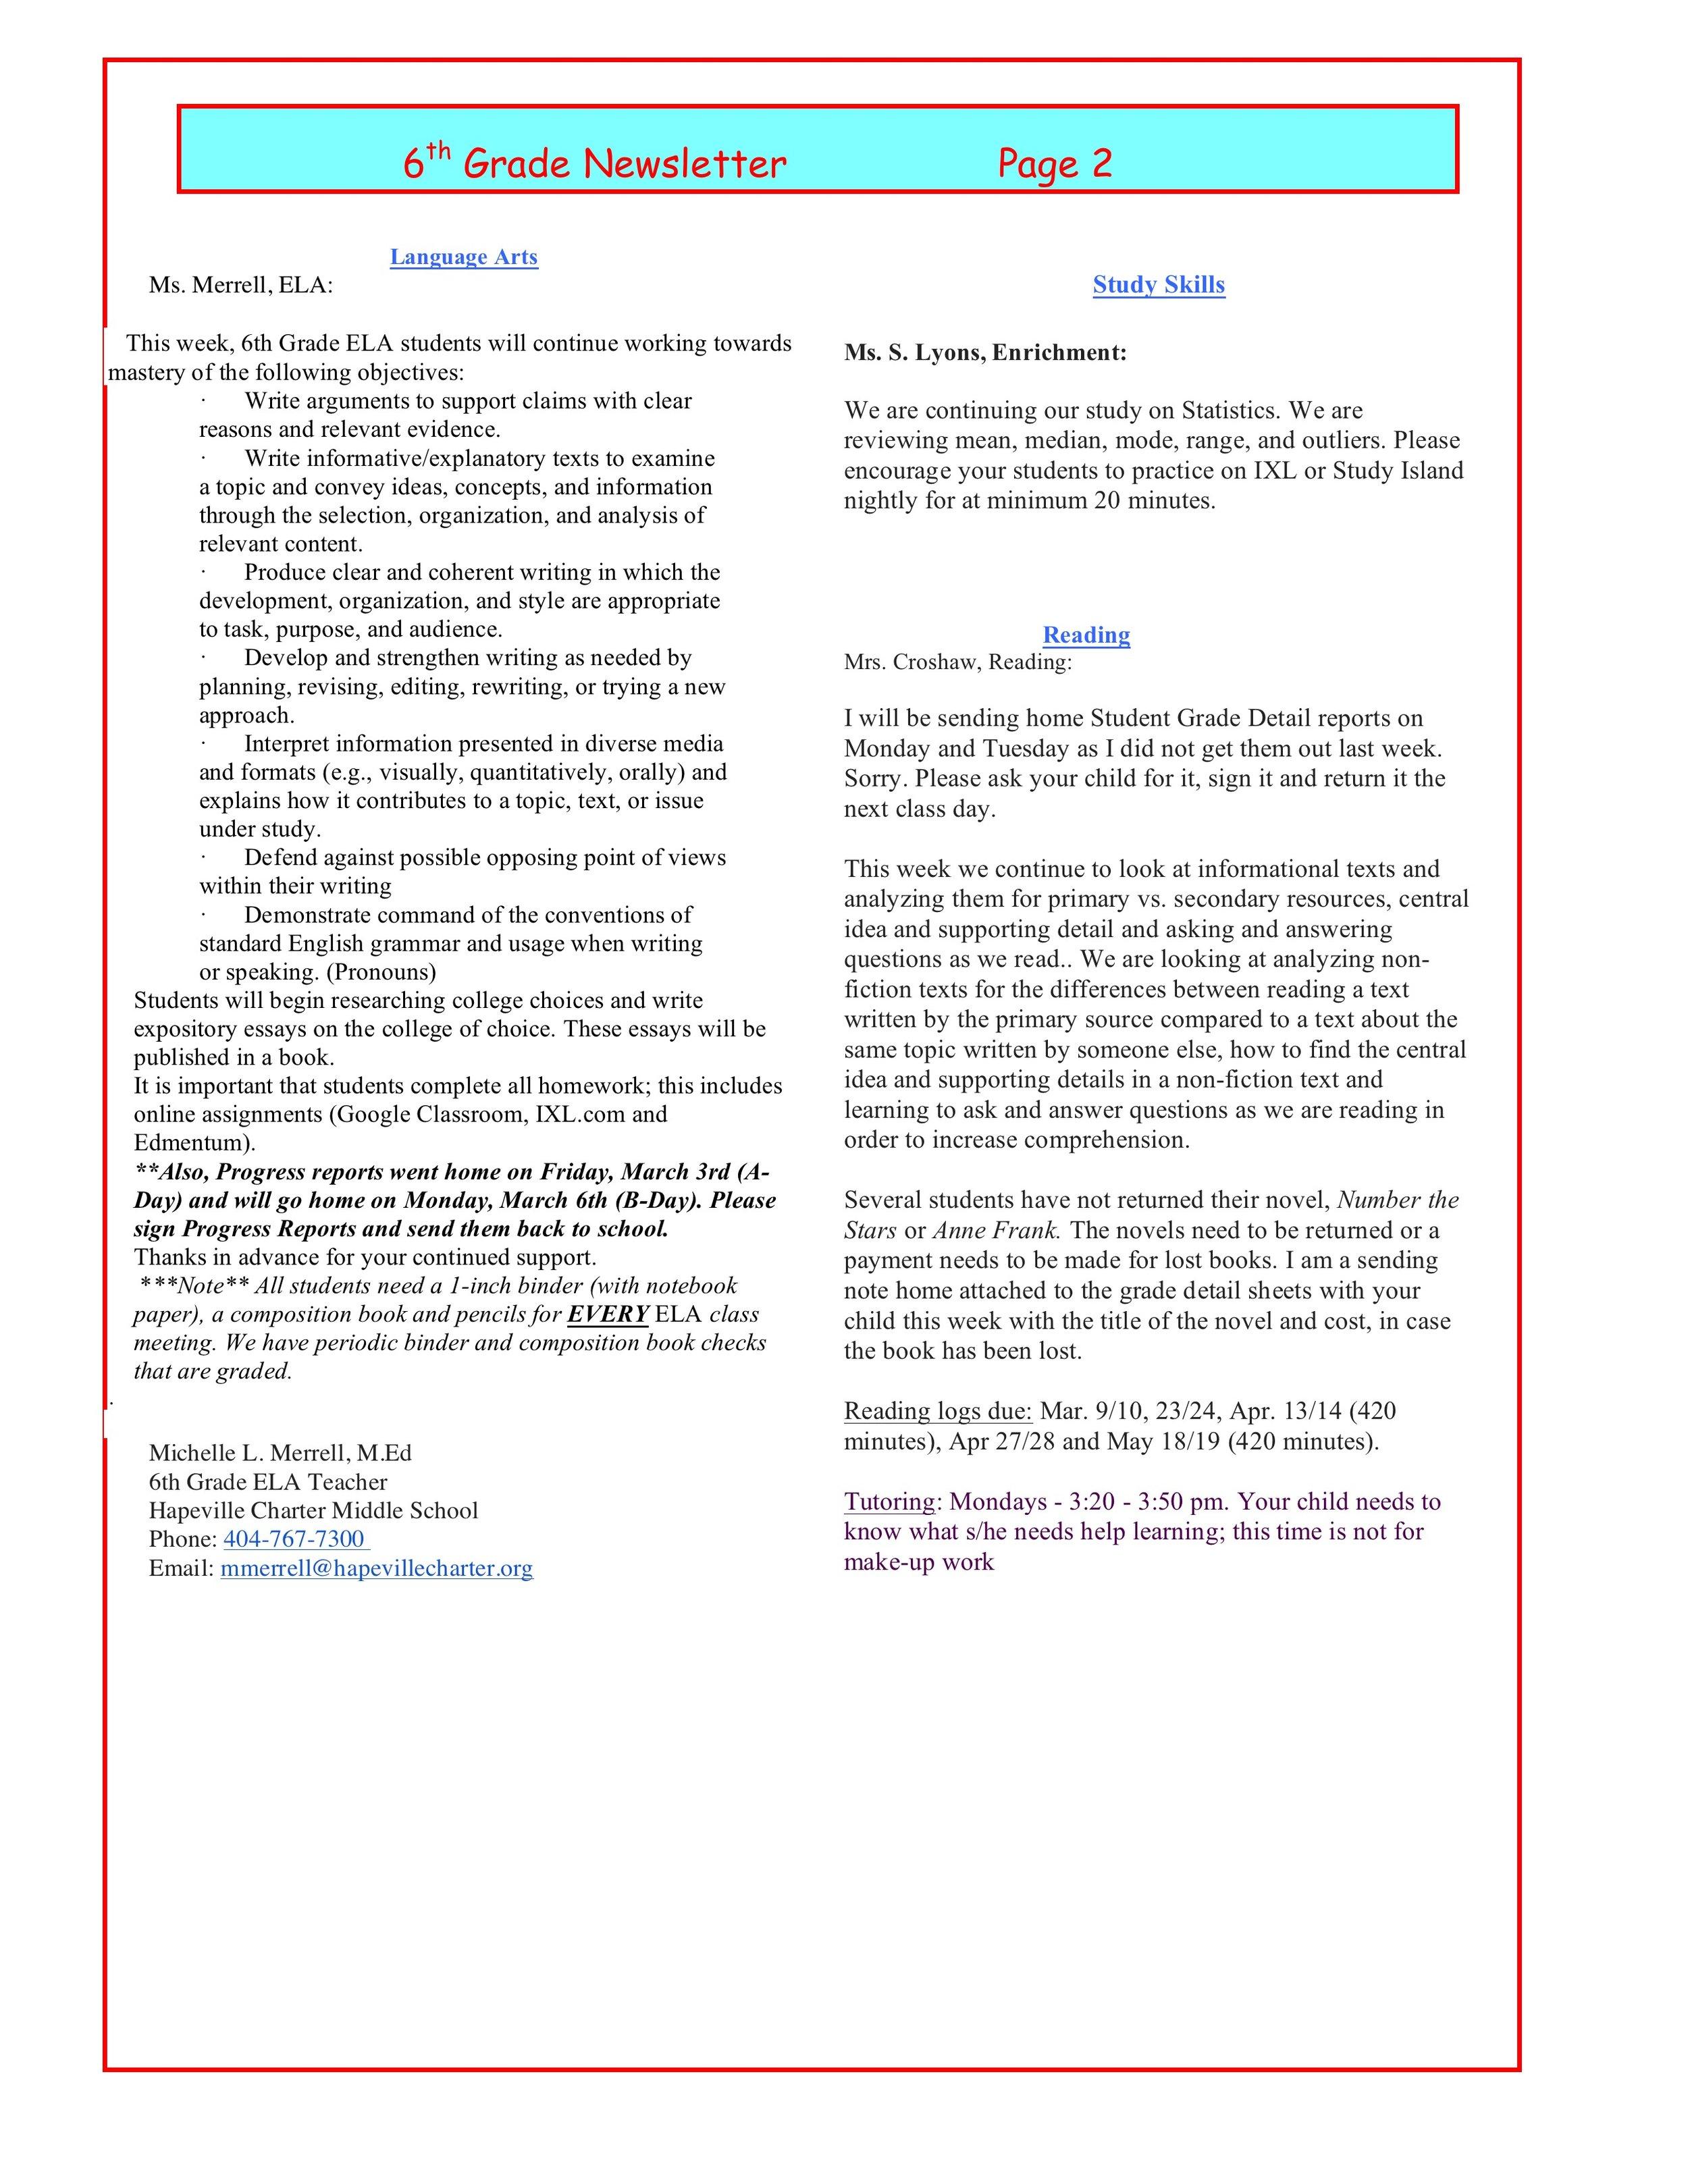 Newsletter Image6th Grade Newsletter 3-7-2017 2.jpeg